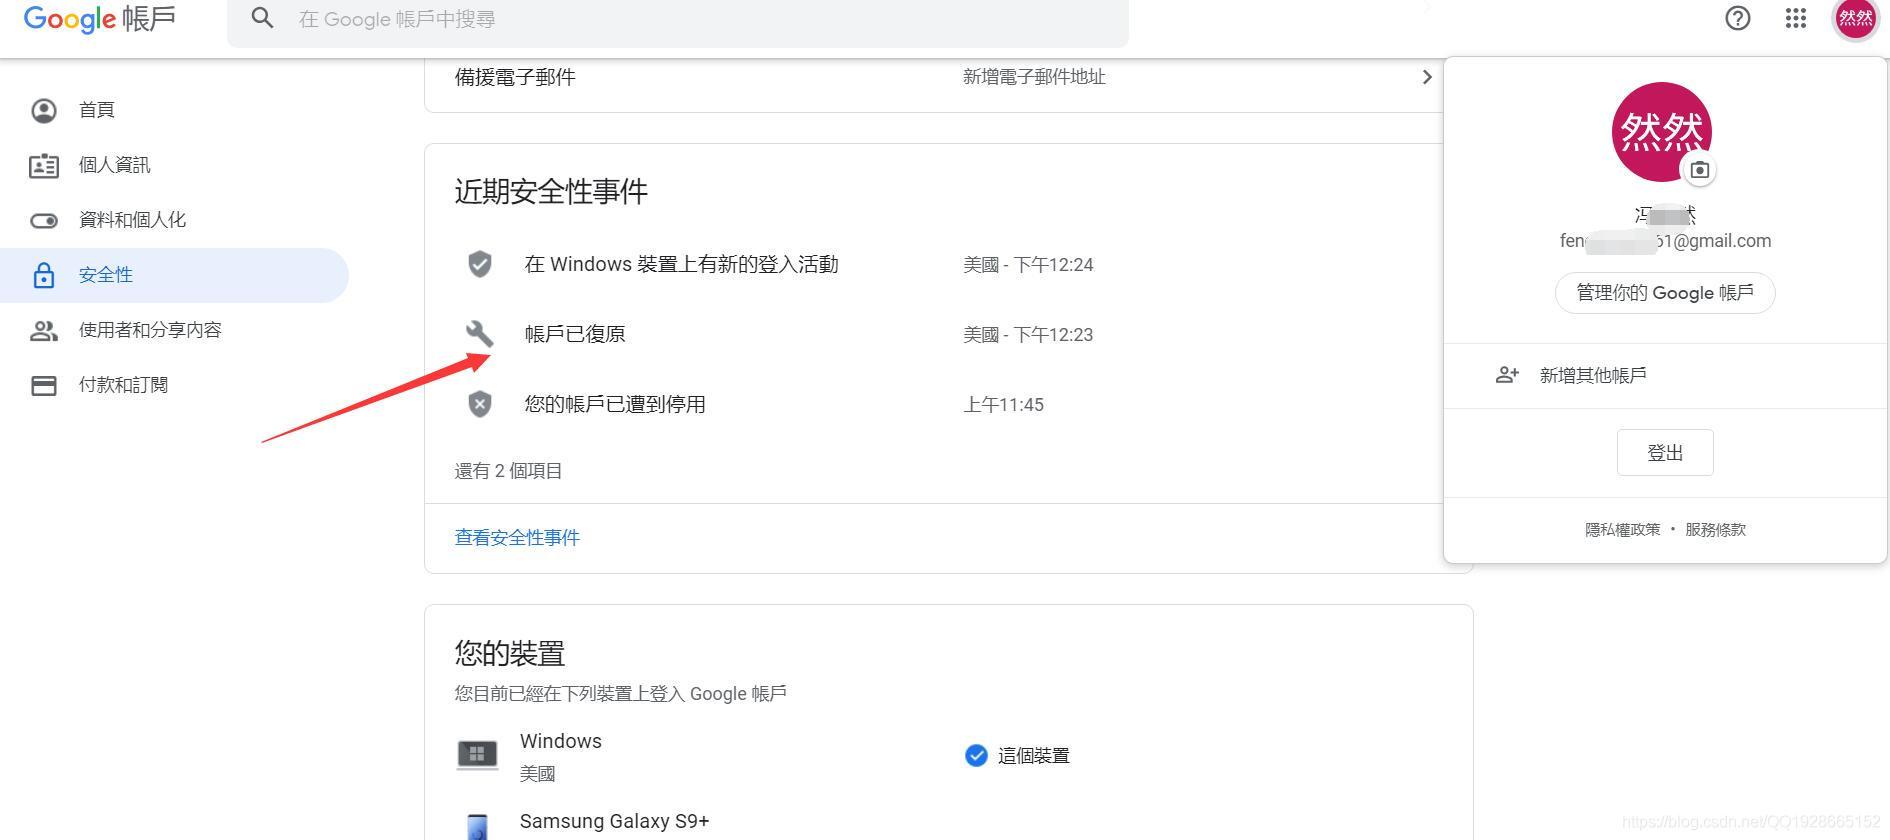 Google账号登陆异常活动验证输入手机号也无法验证